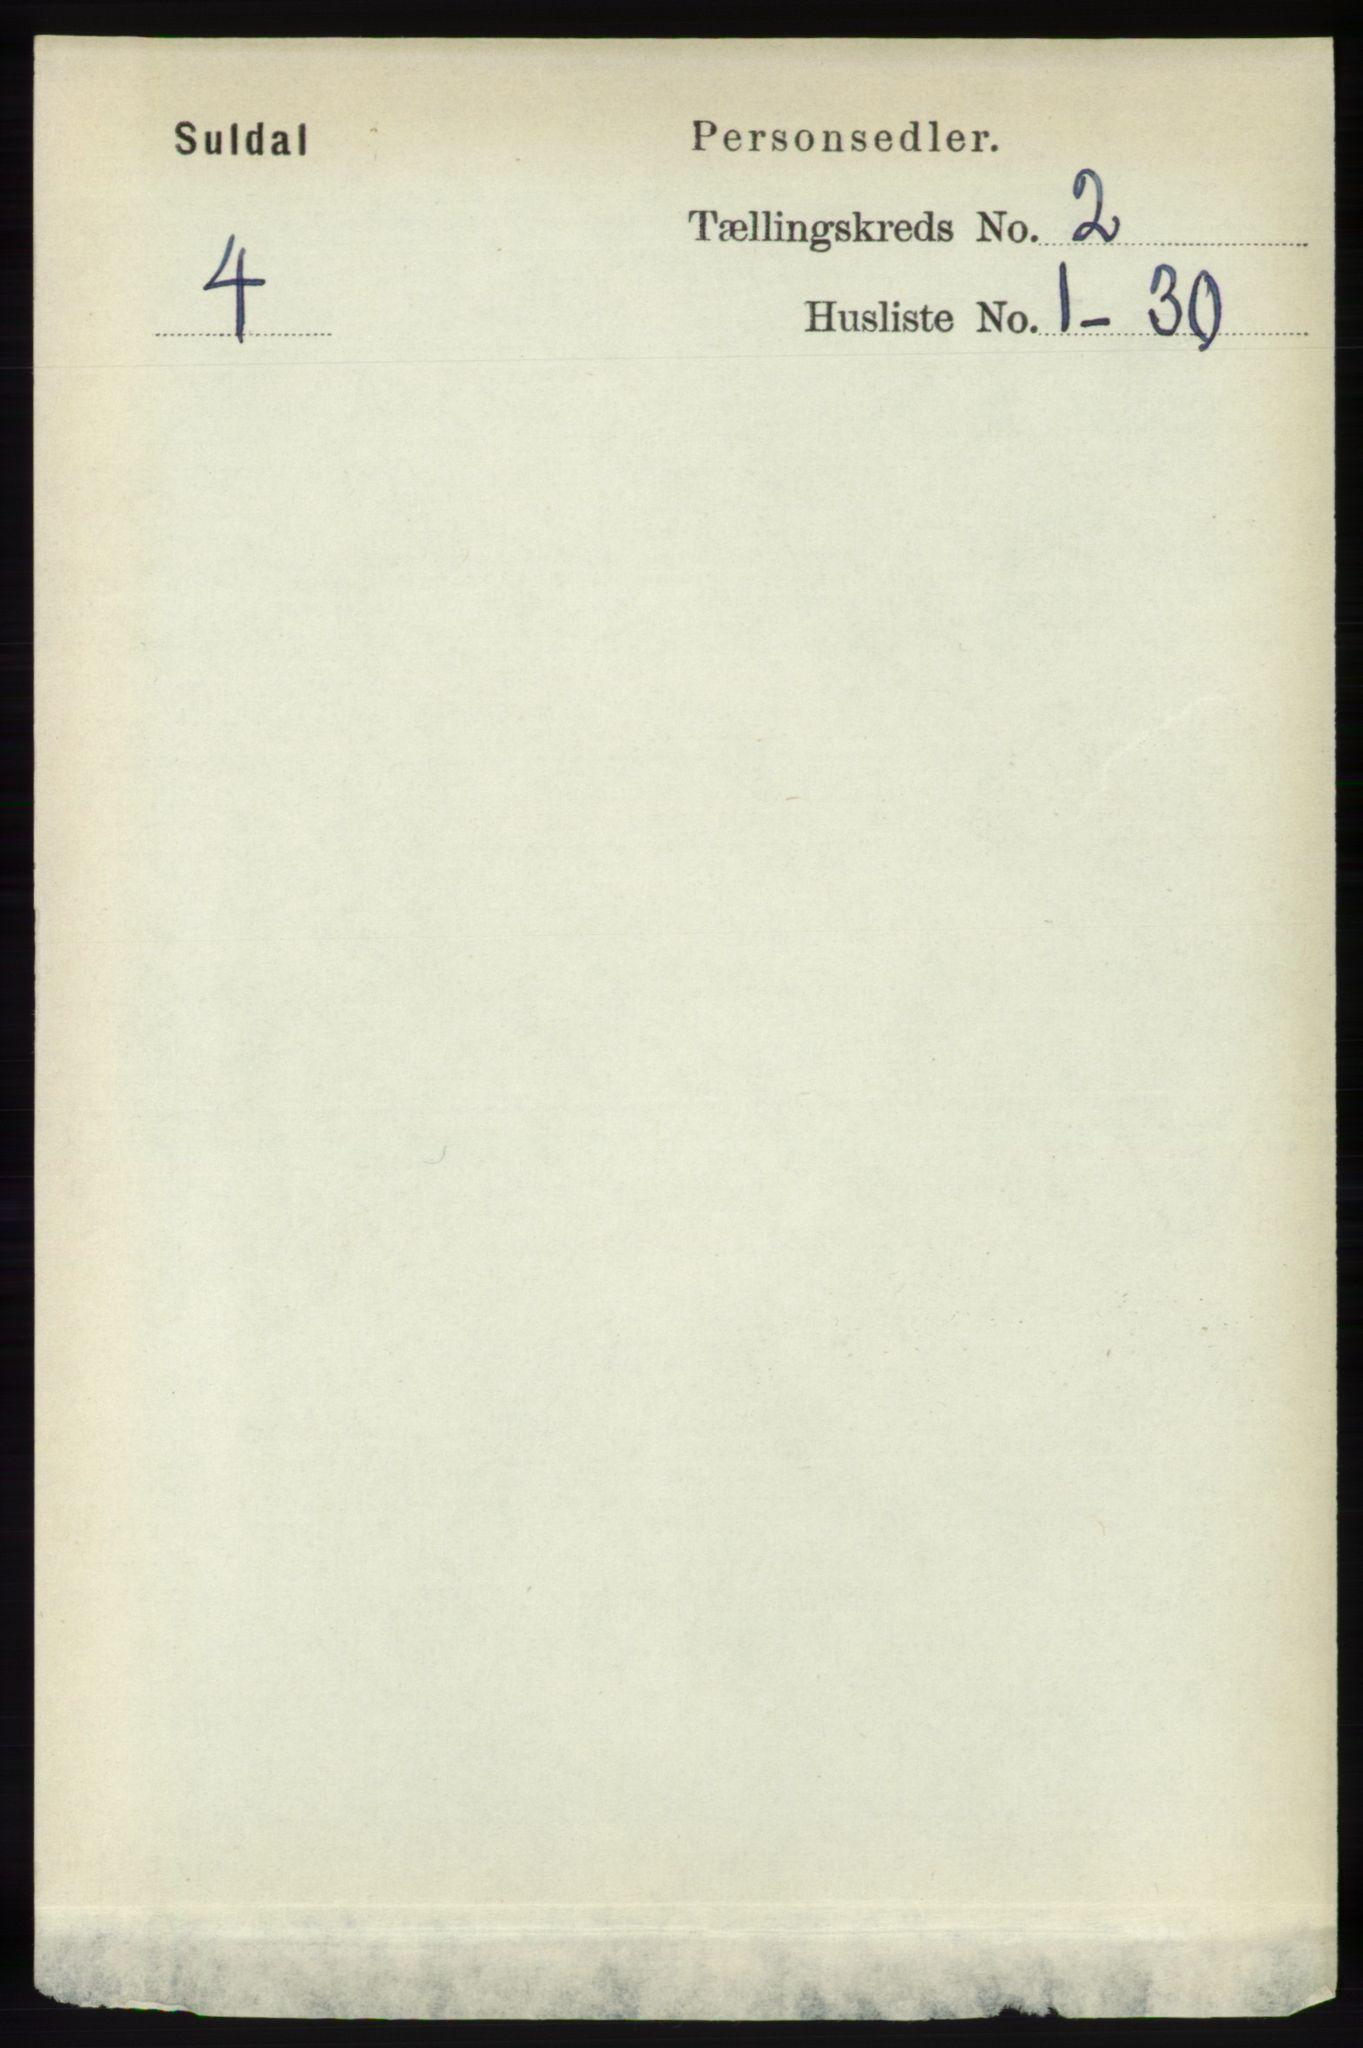 RA, Folketelling 1891 for 1134 Suldal herred, 1891, s. 257